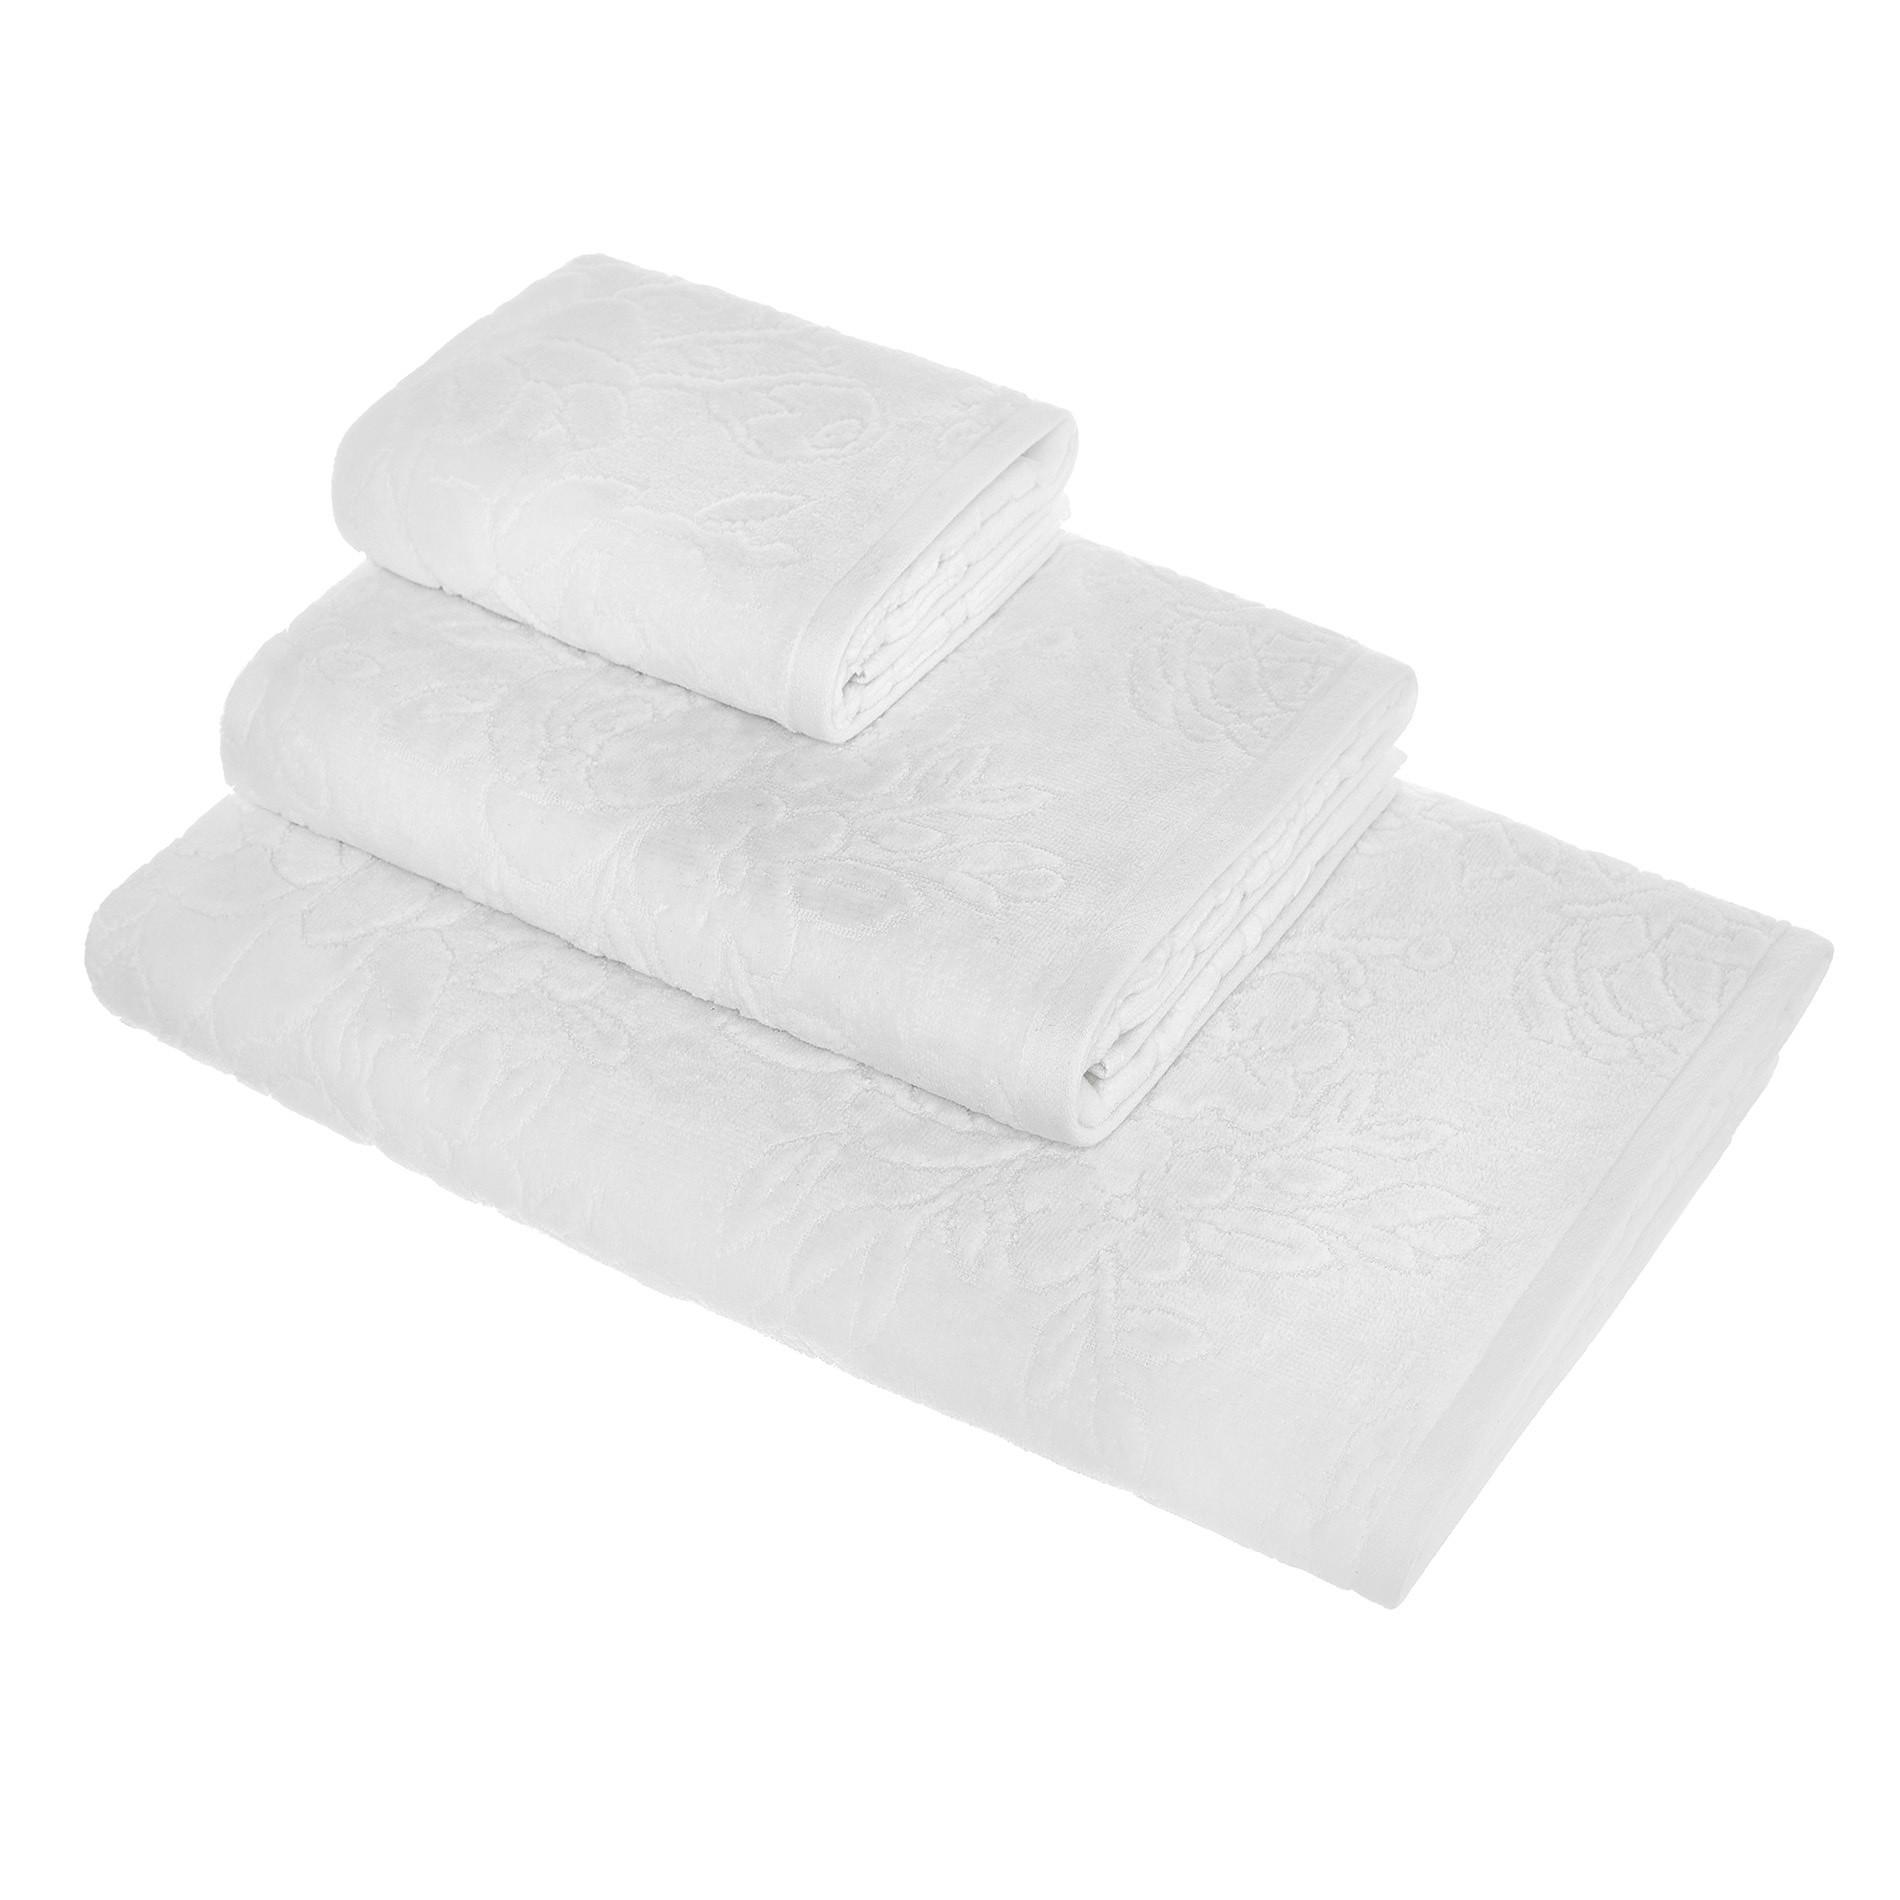 Asciugamano puro cotone lavorazione floreale, Bianco, large image number 0